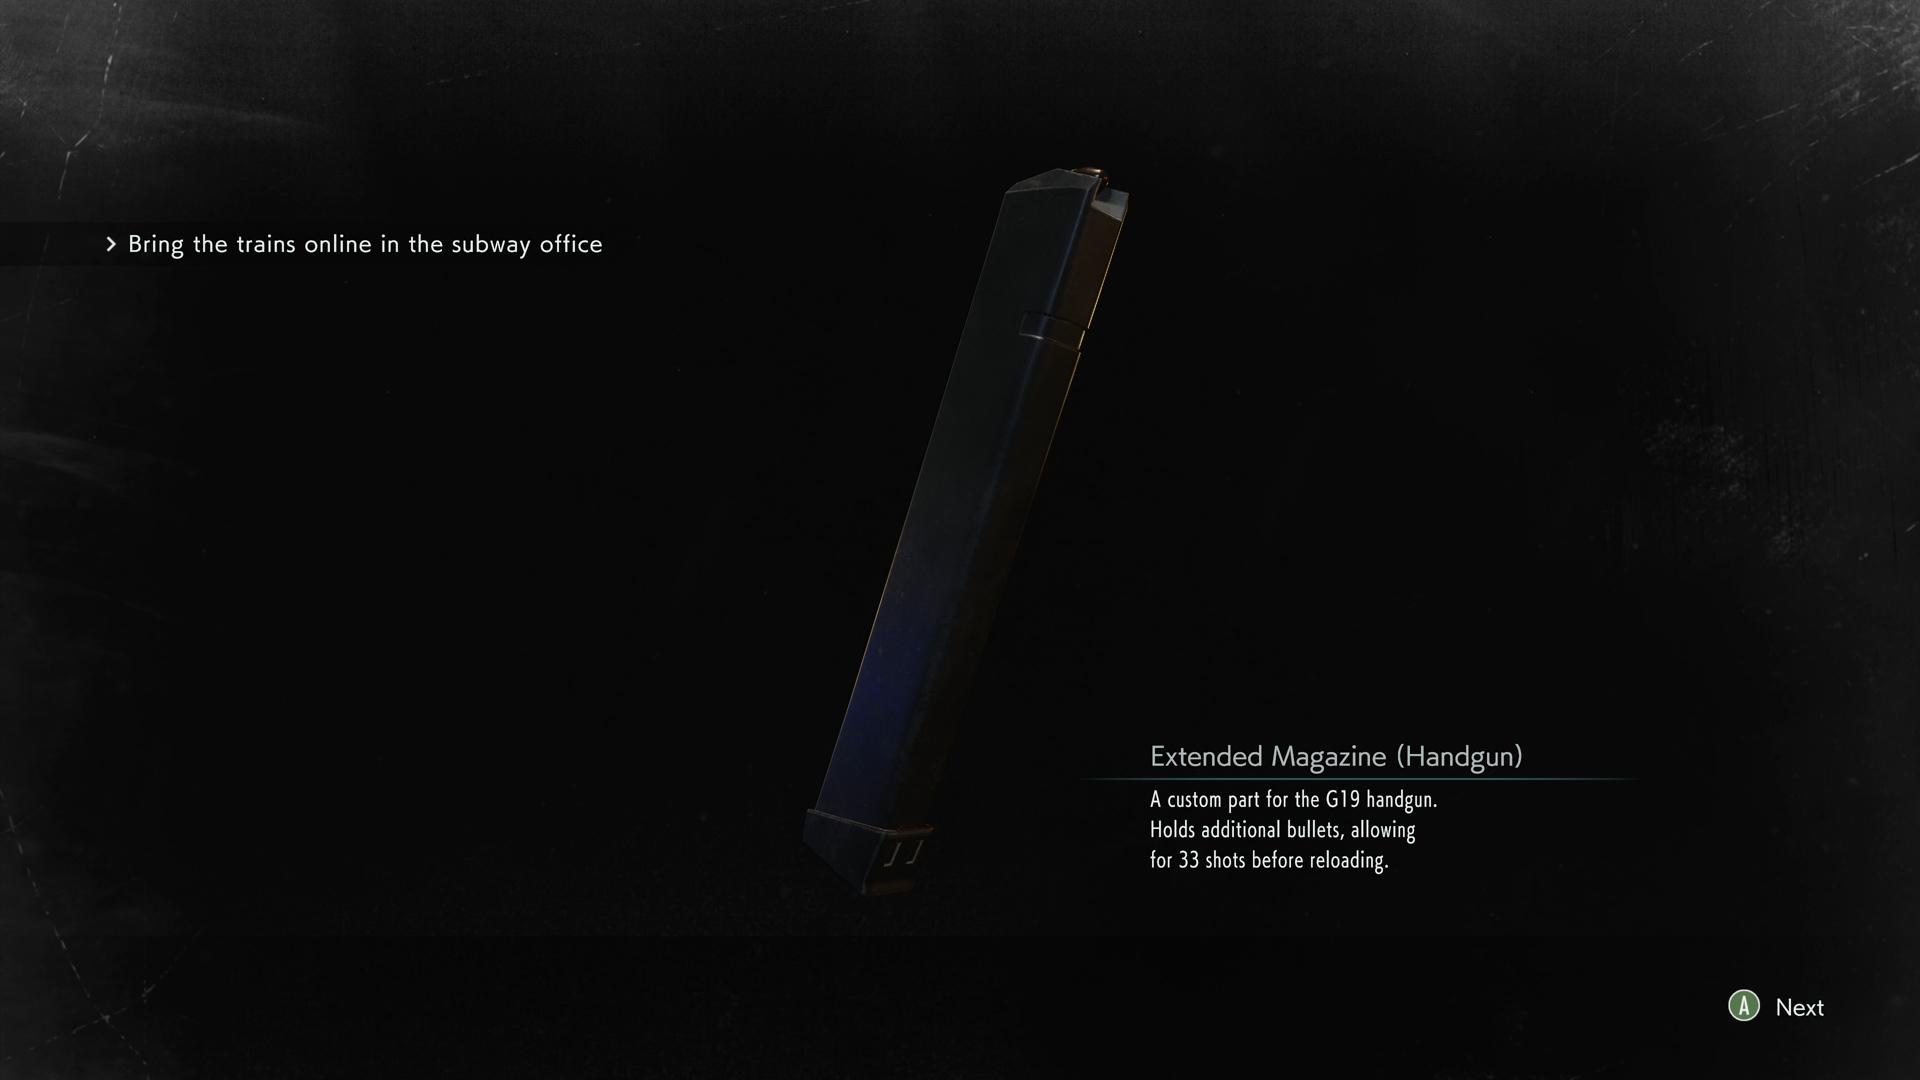 Resident Evil 3 Extended Magazine Handgun location